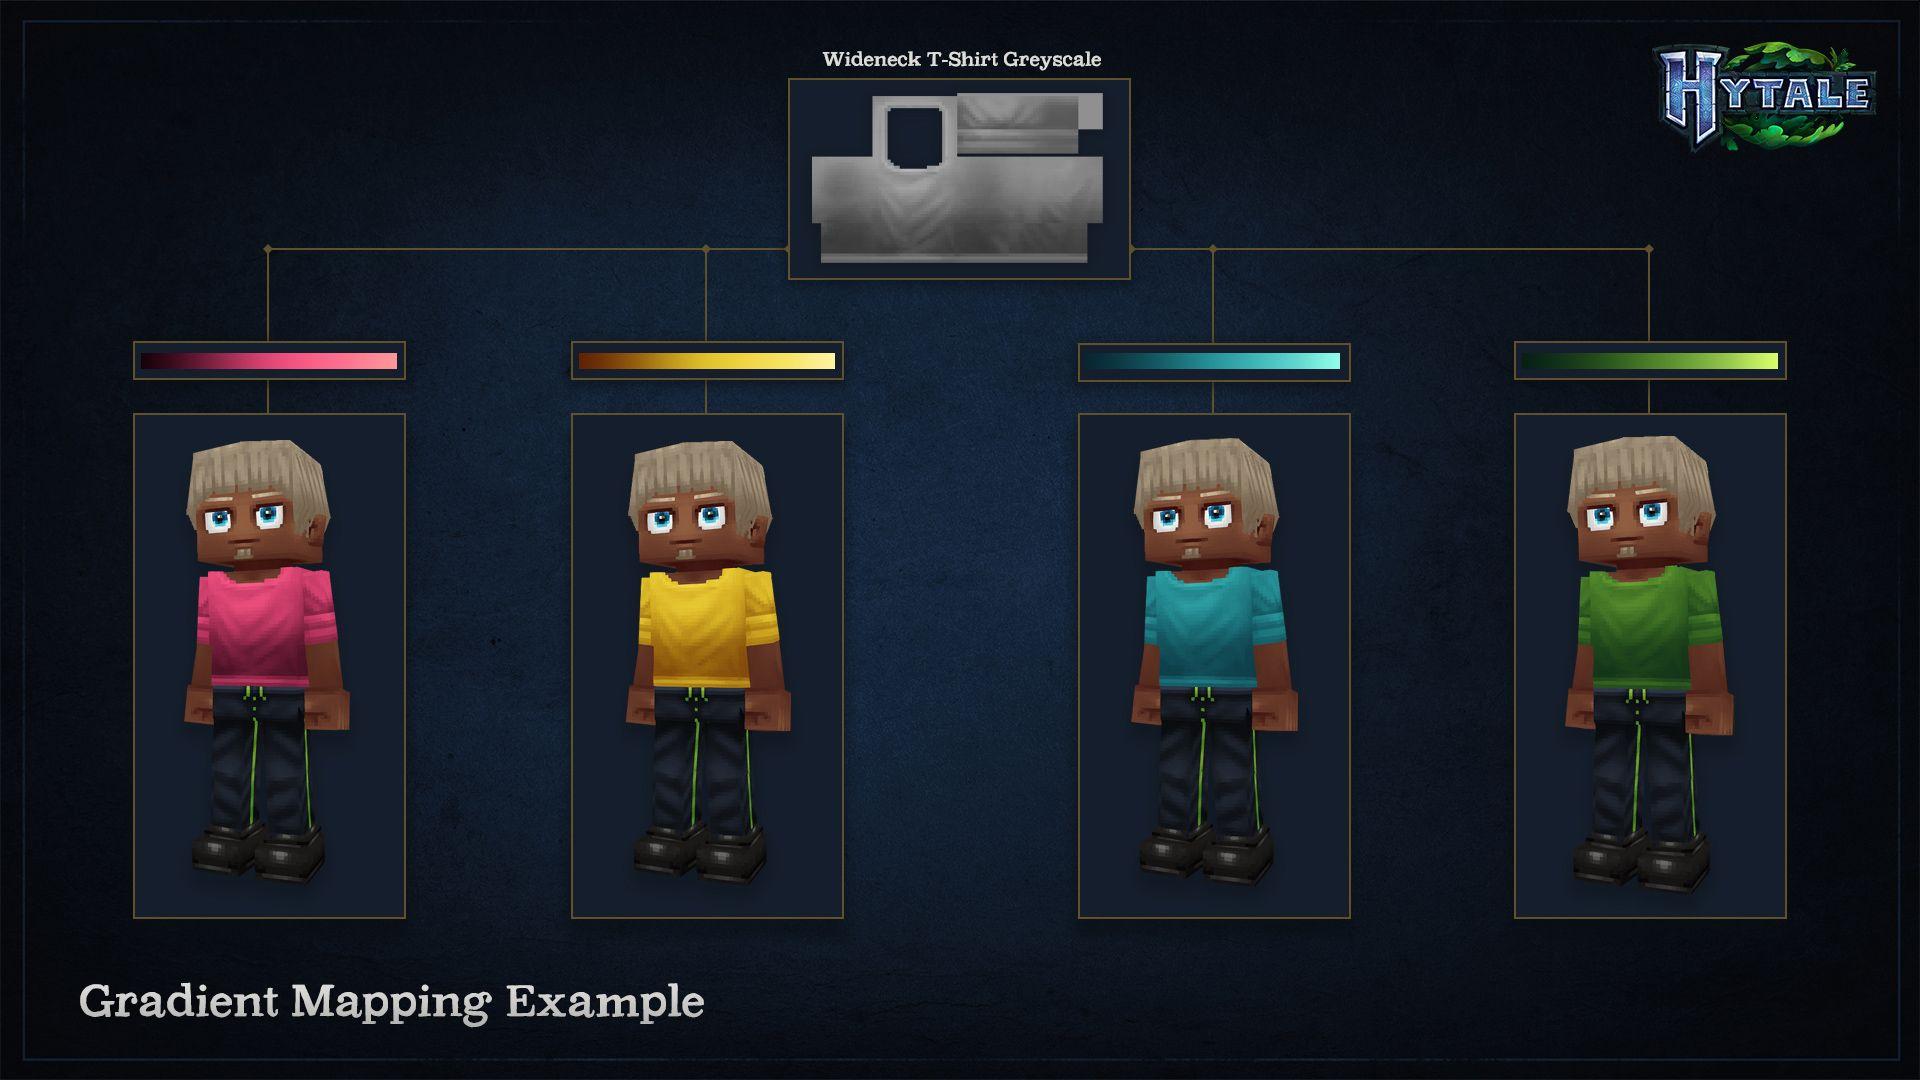 Hytale's character customisation overhaul will make modding easier